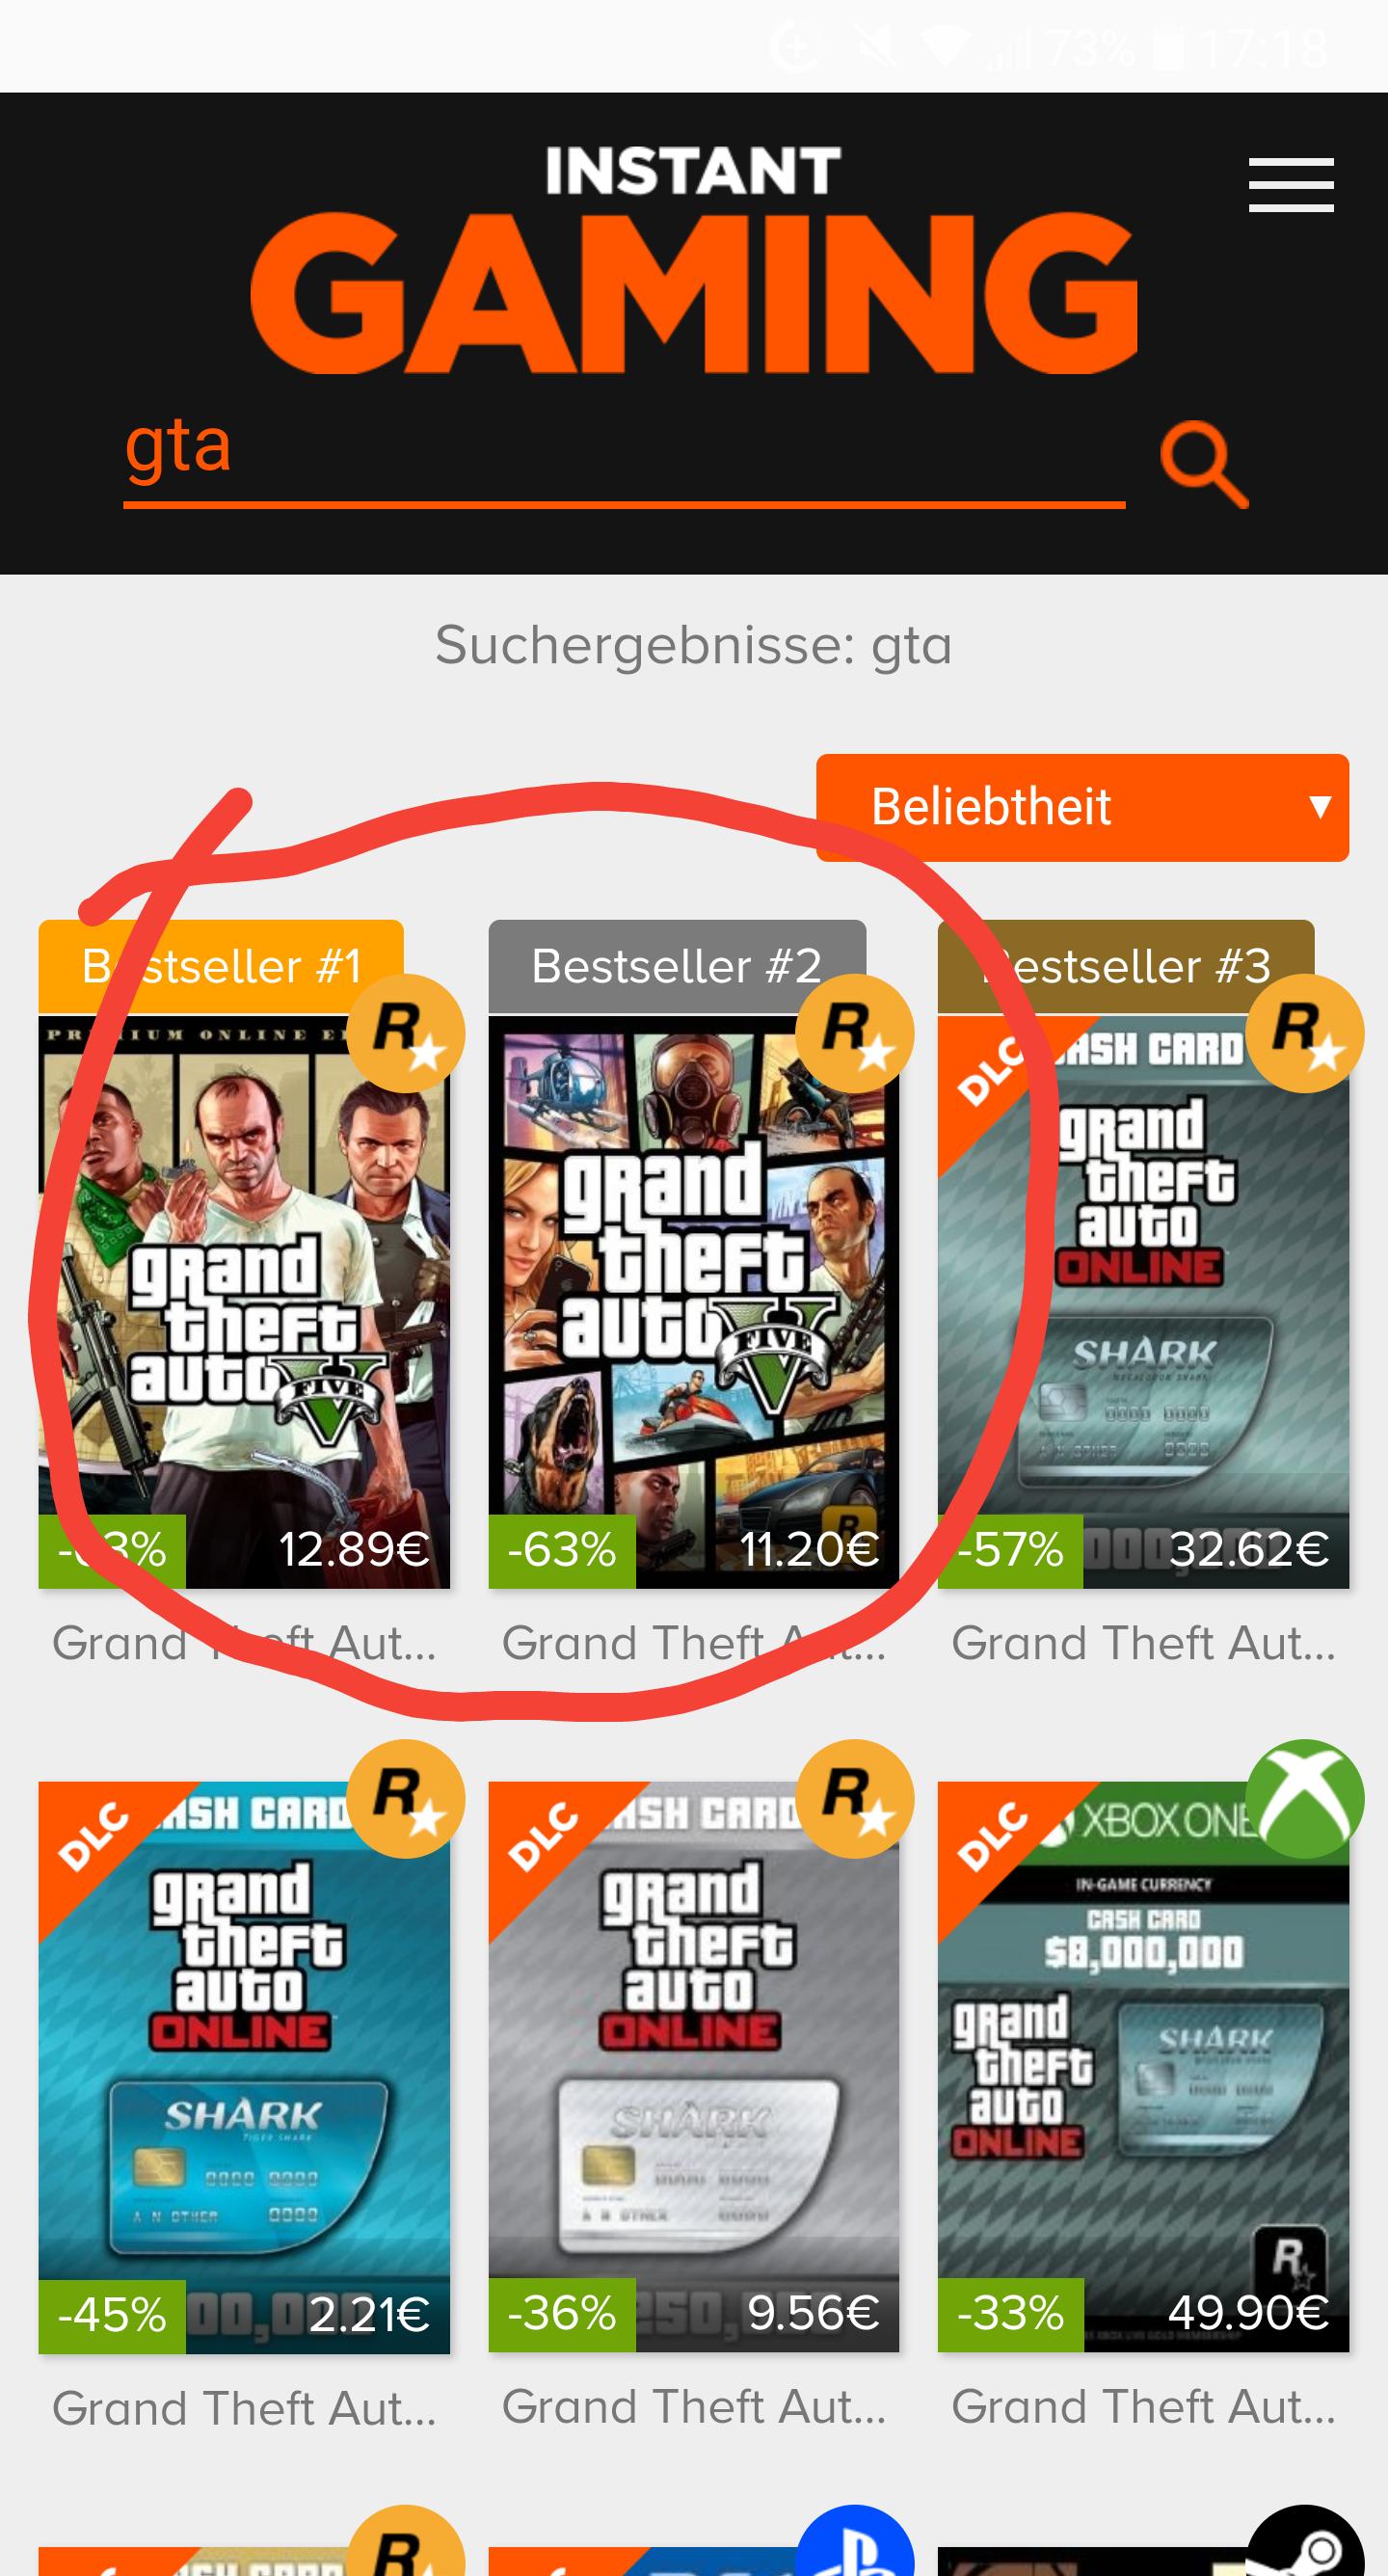 Online Spiele Die Man Zu 2 Spielen Kann